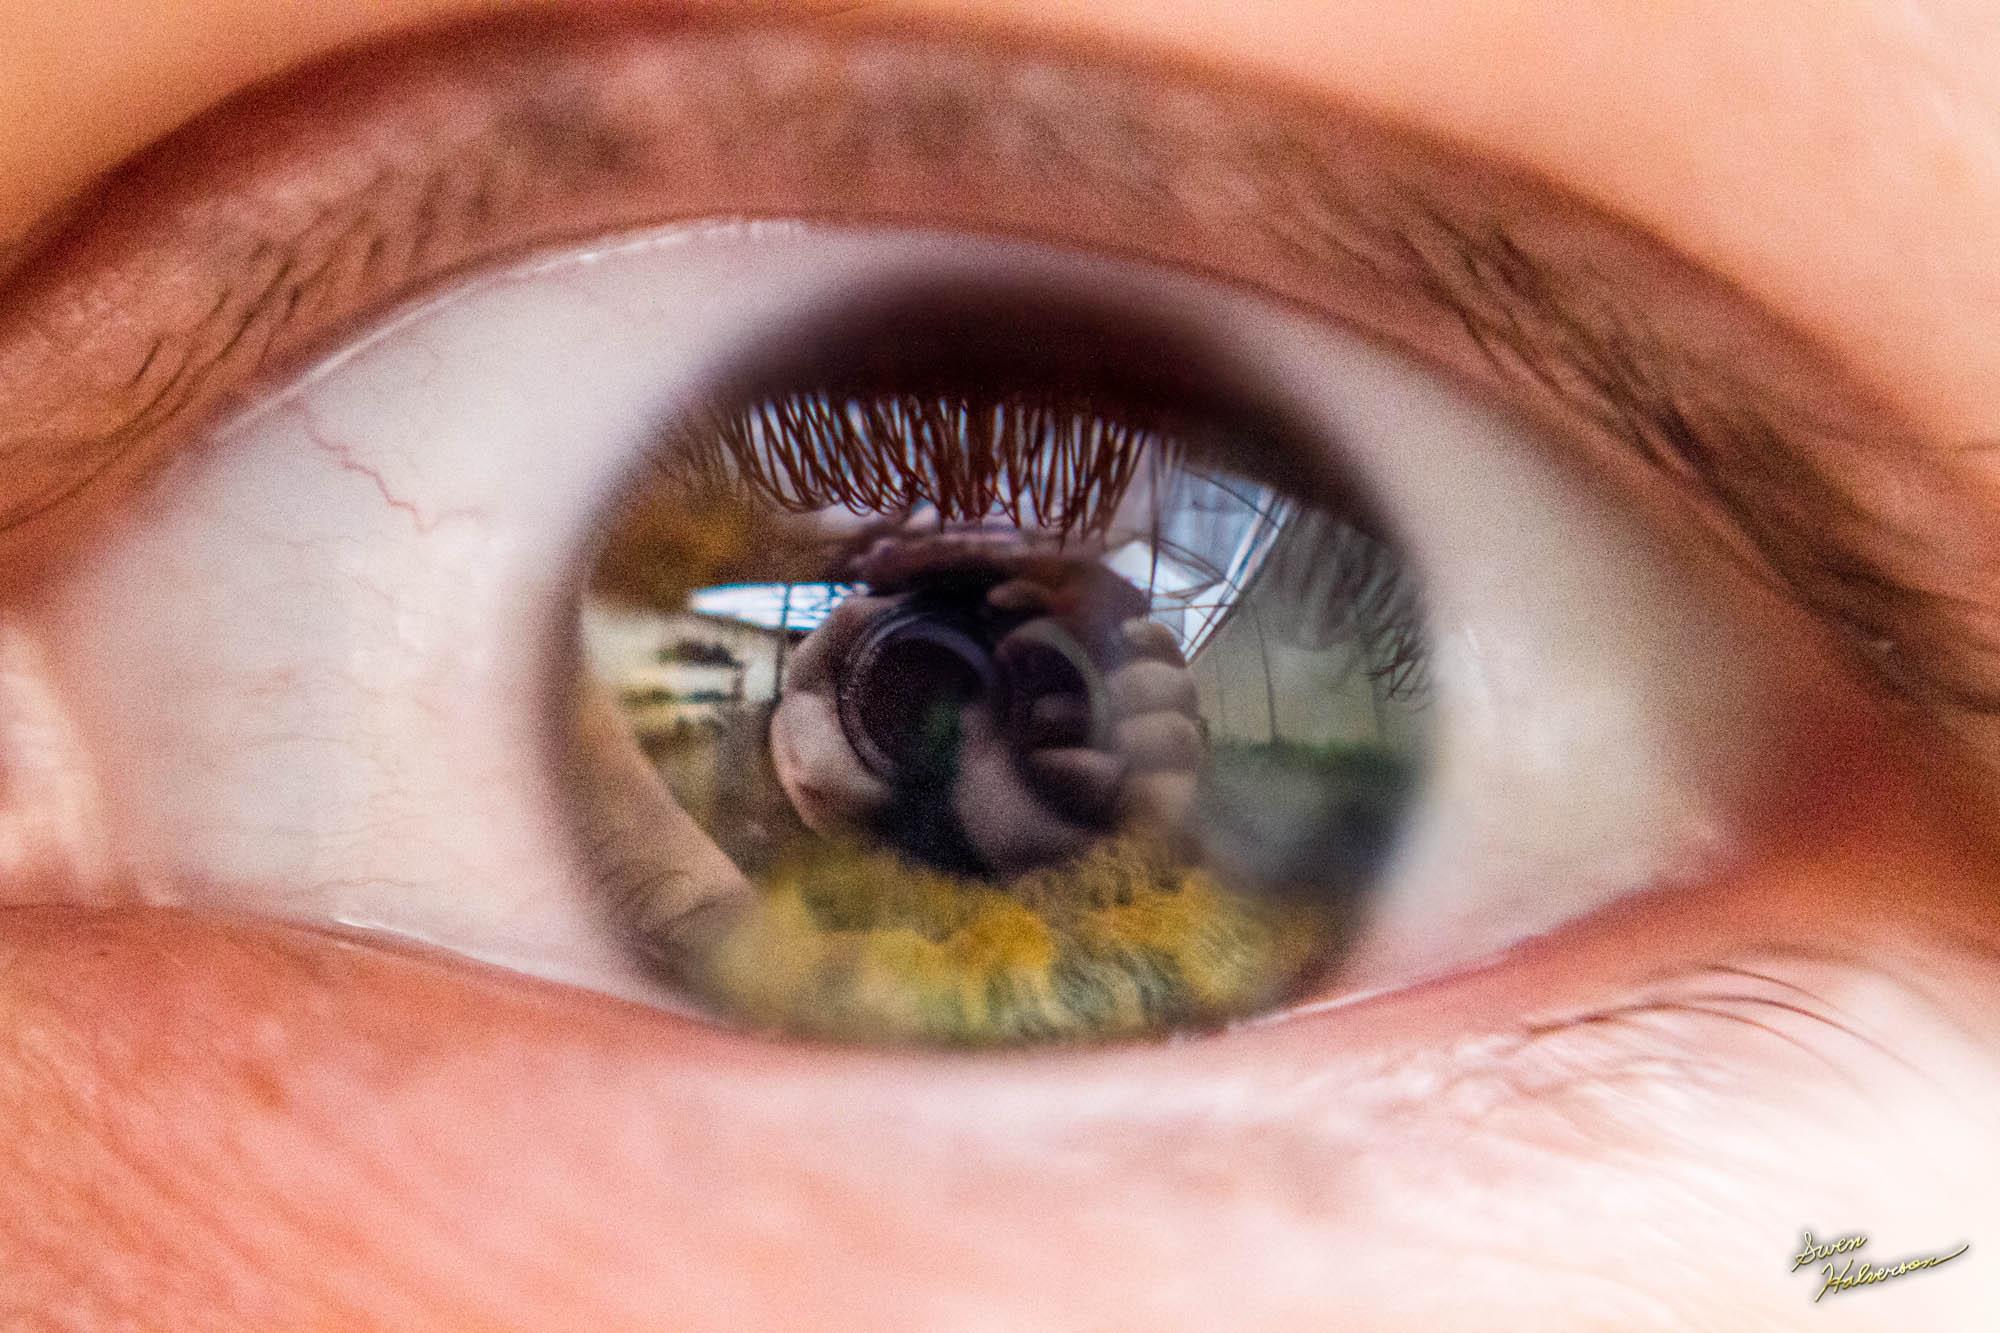 Theme: Eye | Title: Eye Blend